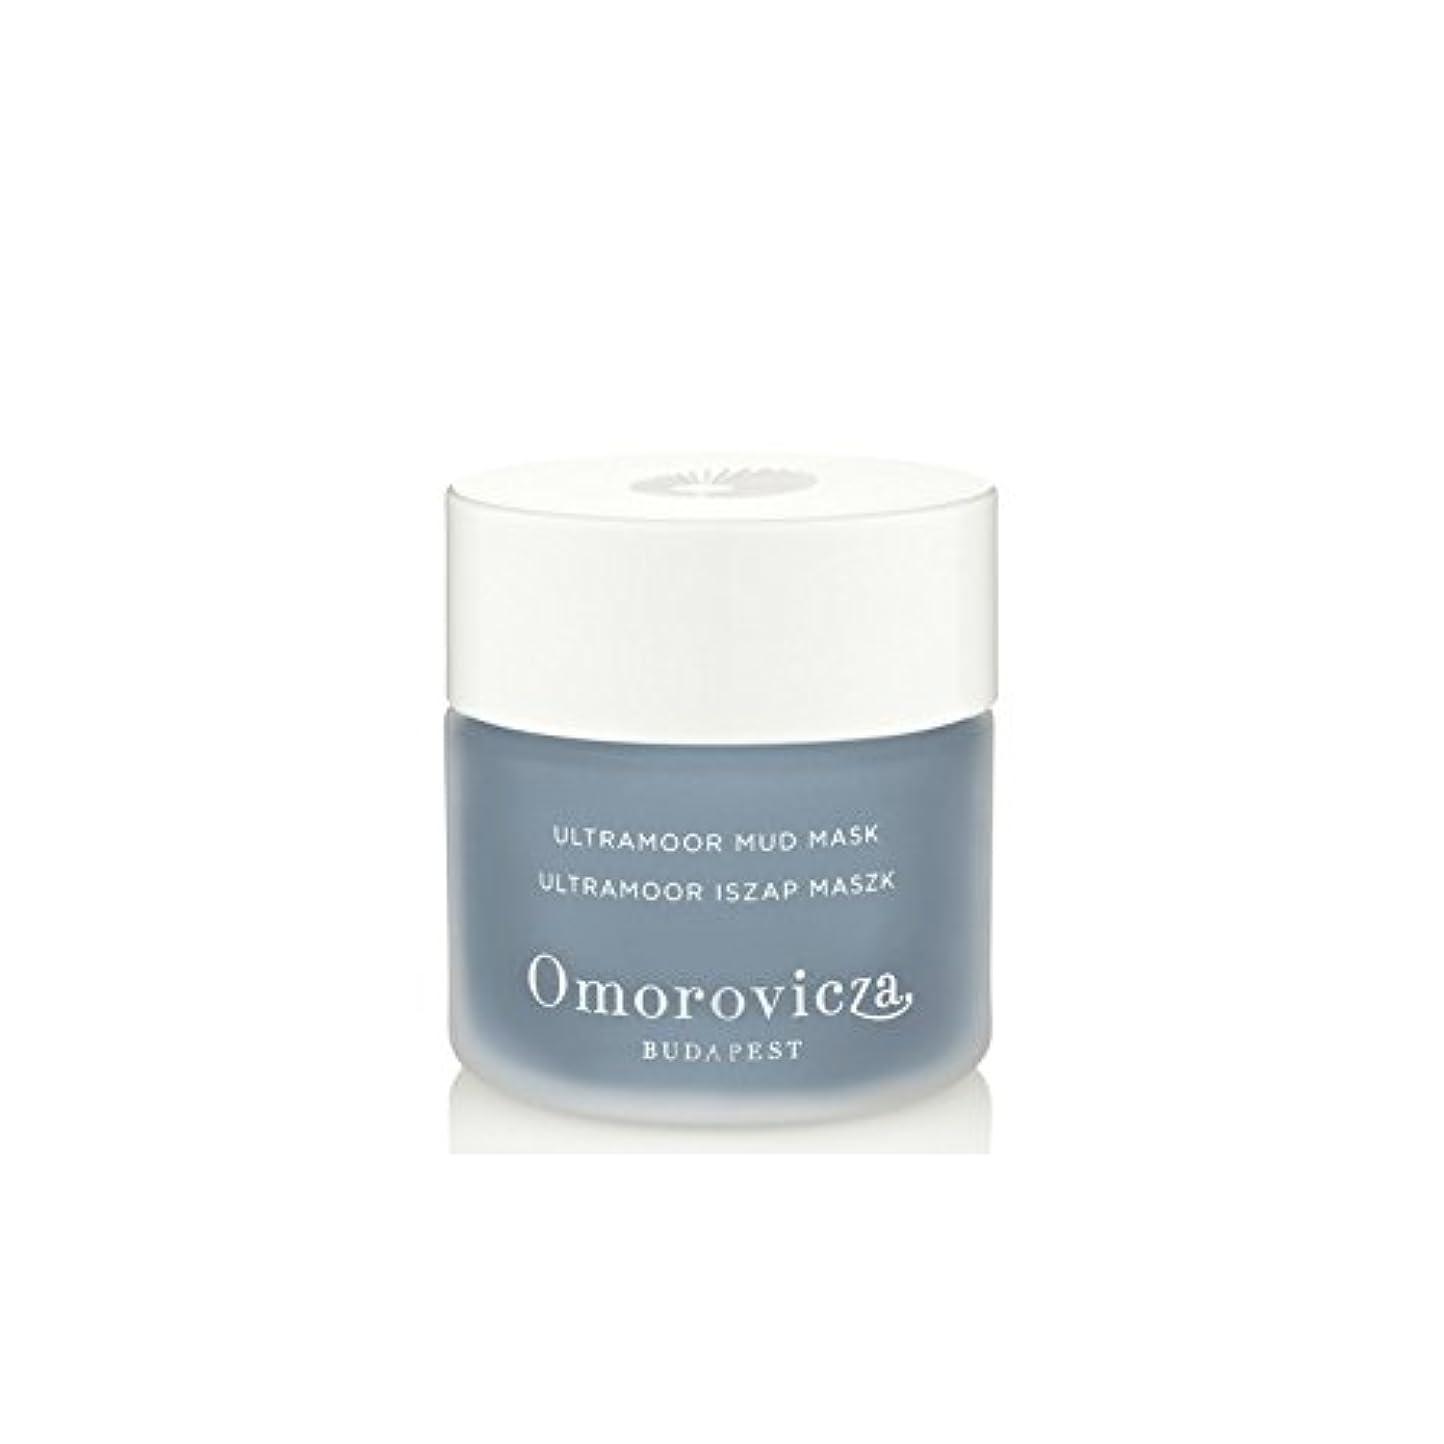 アクセサリー空白学期Omorovicza Ultramoor Mud Mask (50ml) - 泥マスク(50ミリリットル) [並行輸入品]